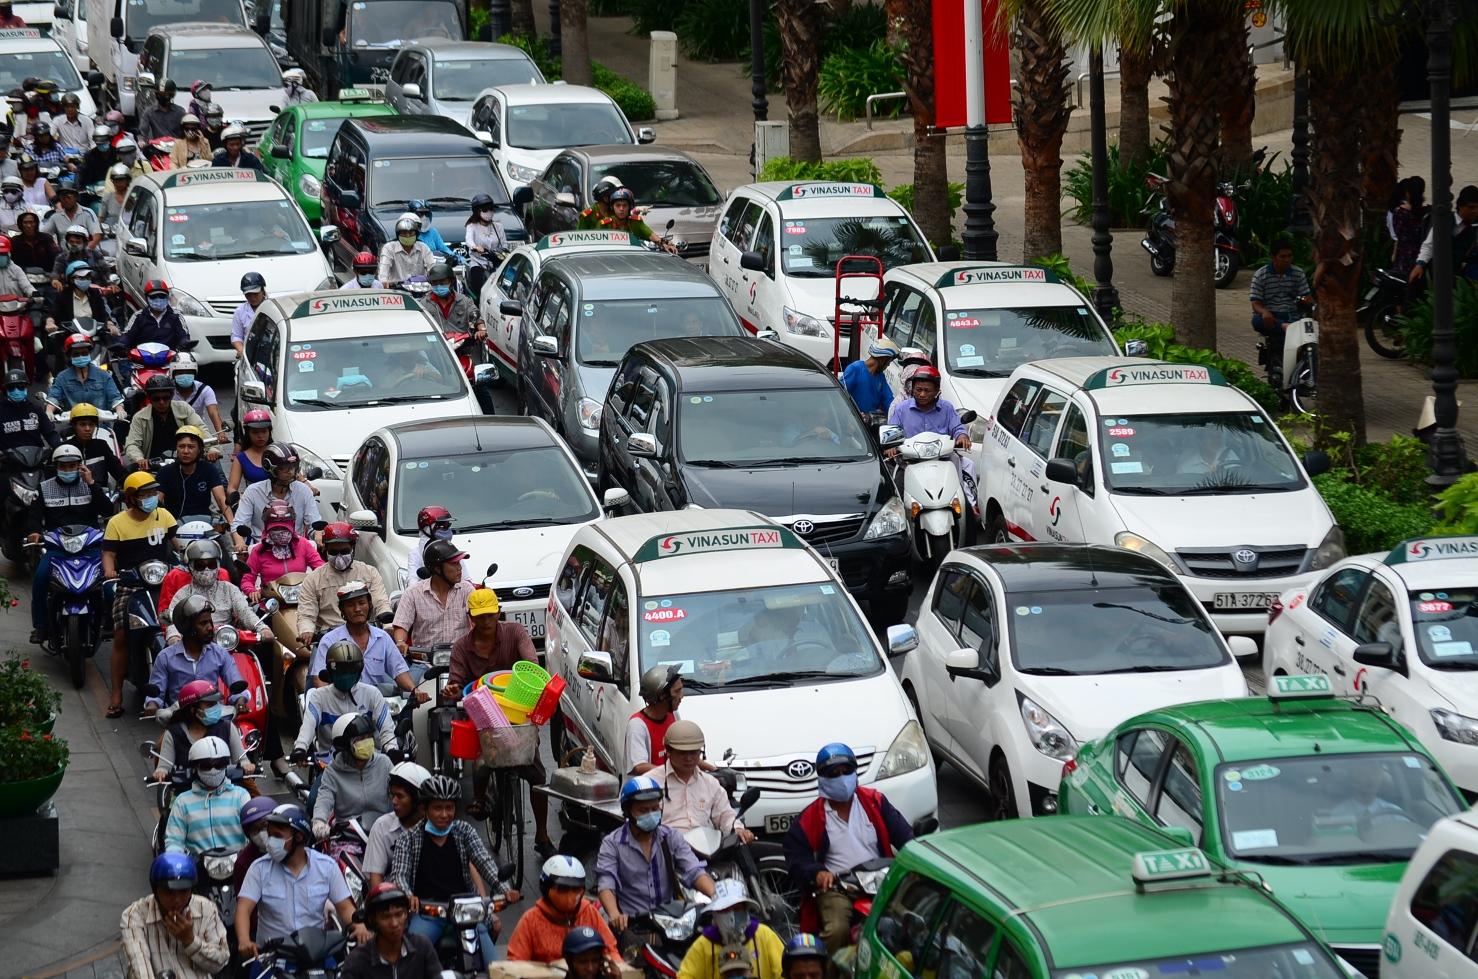 Bỏ túi 5 bí kíp lái xe trong phố dành cho những tài xế mới 2